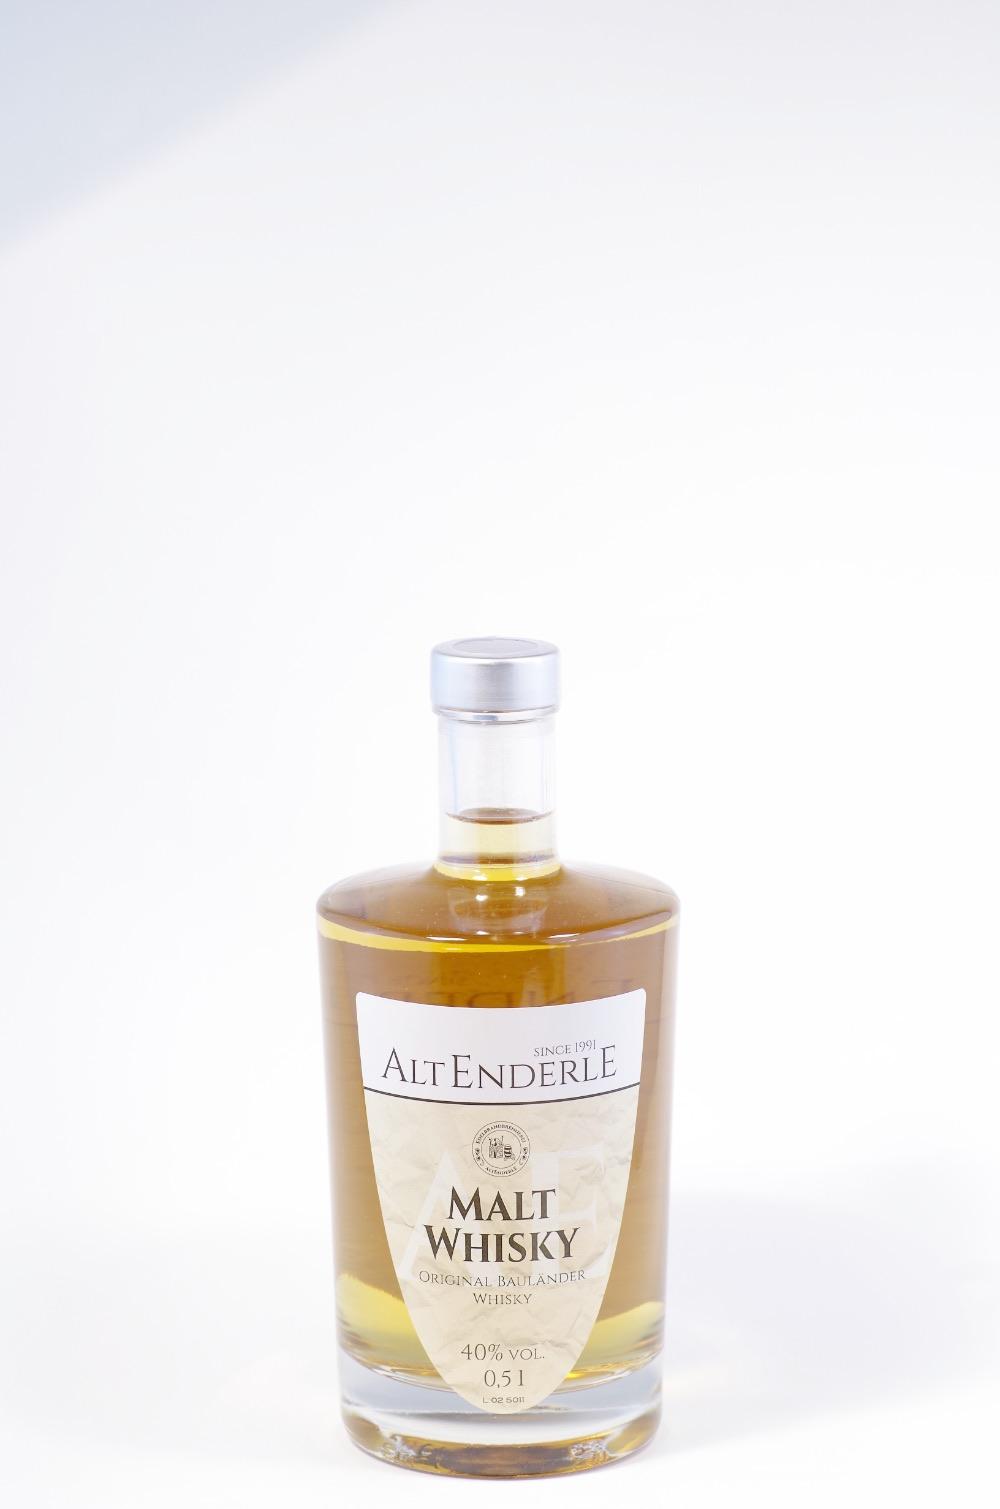 Alt Enderle Malt Whisky Bild